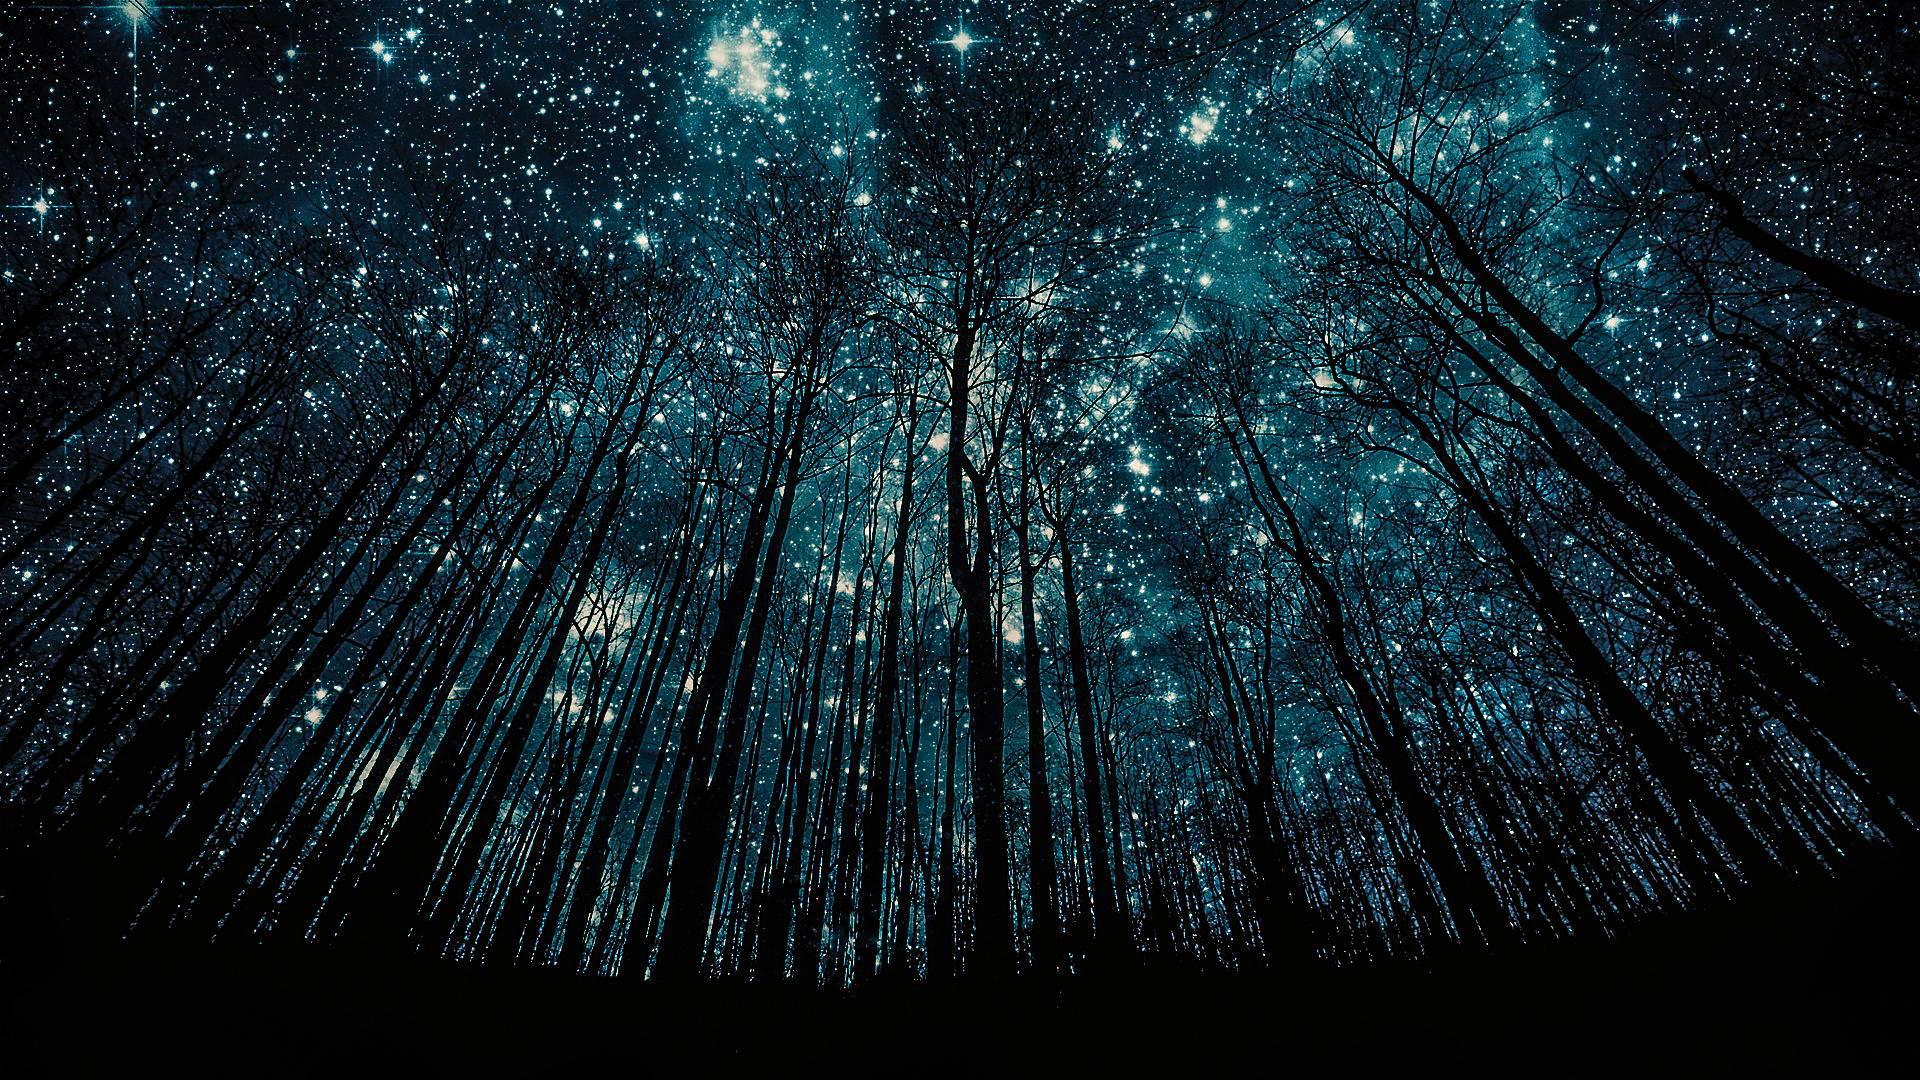 как фотографировать звездное небо и лес